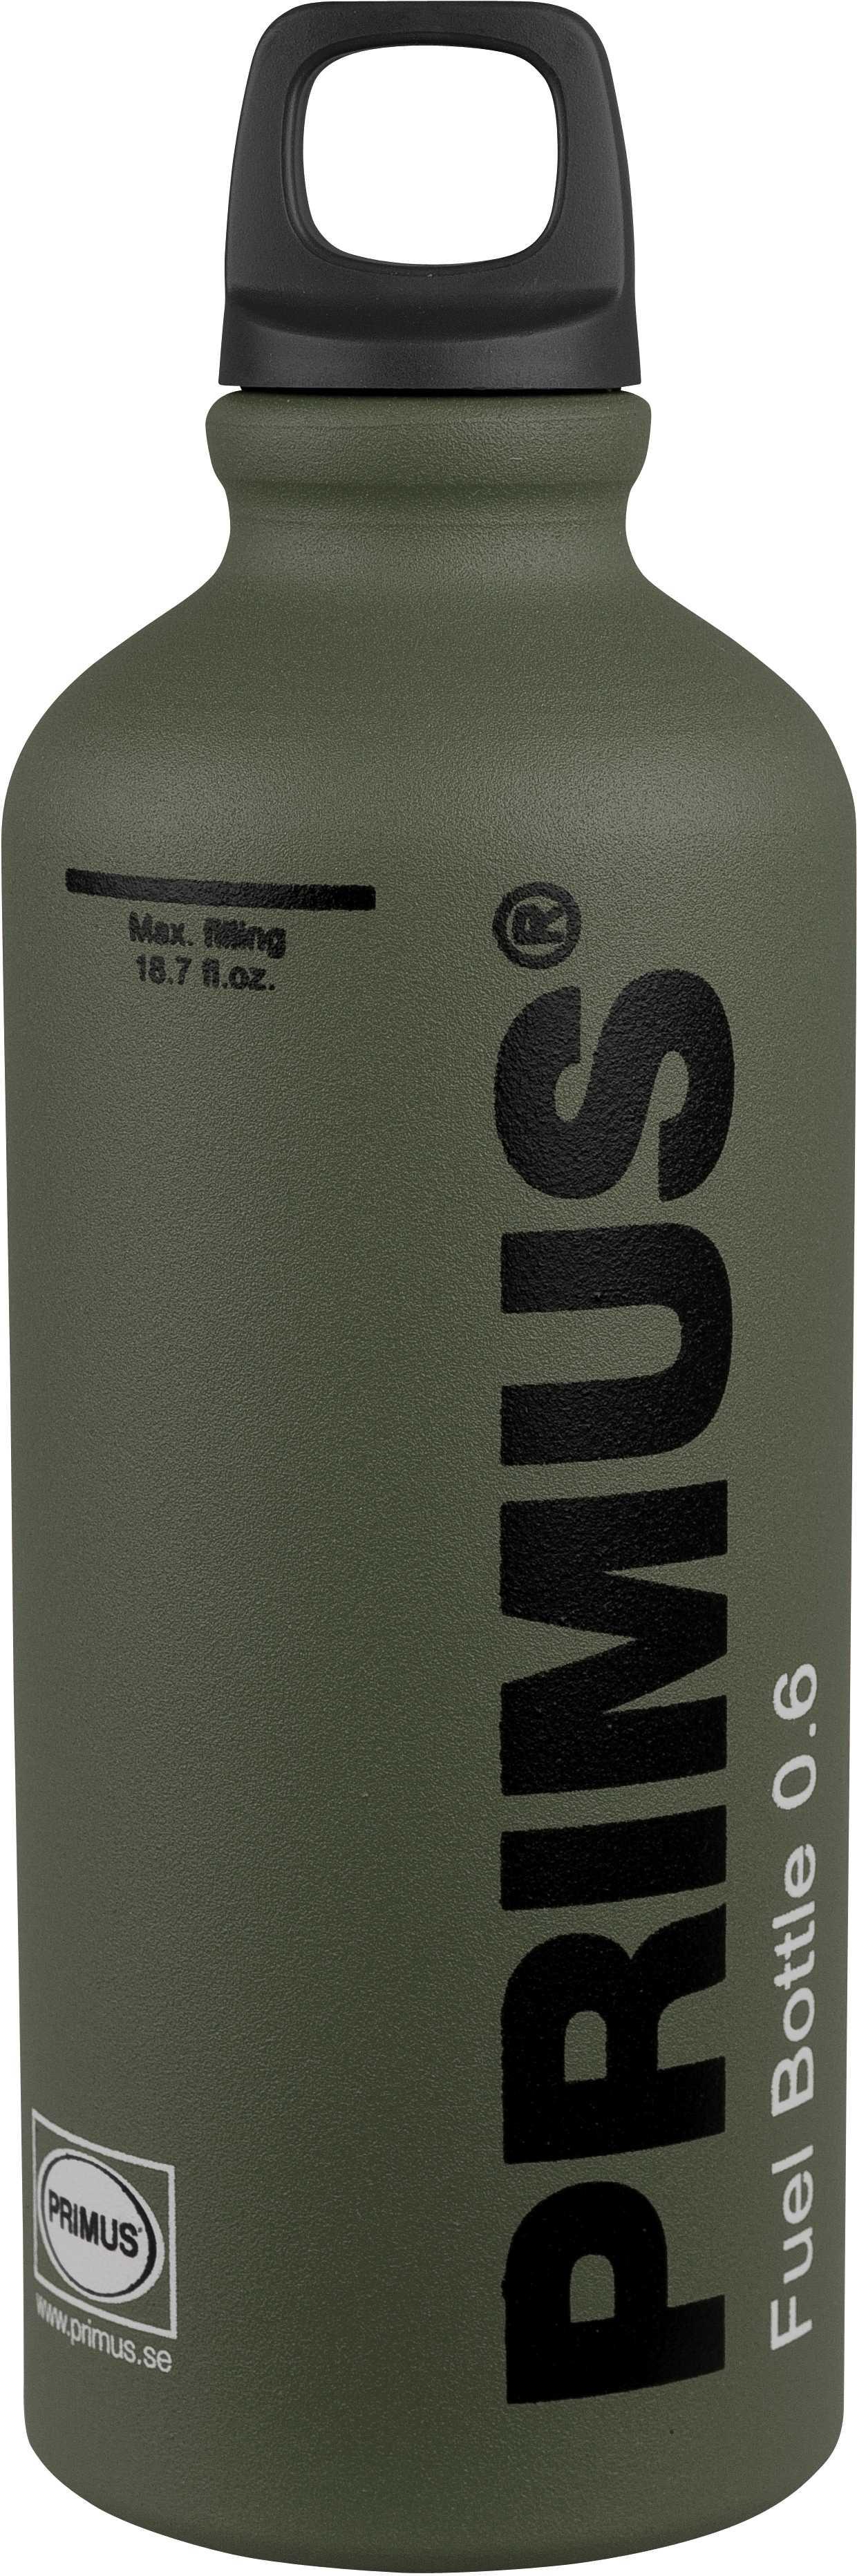 Primus Fuel Bottle 0.6L | Bottles